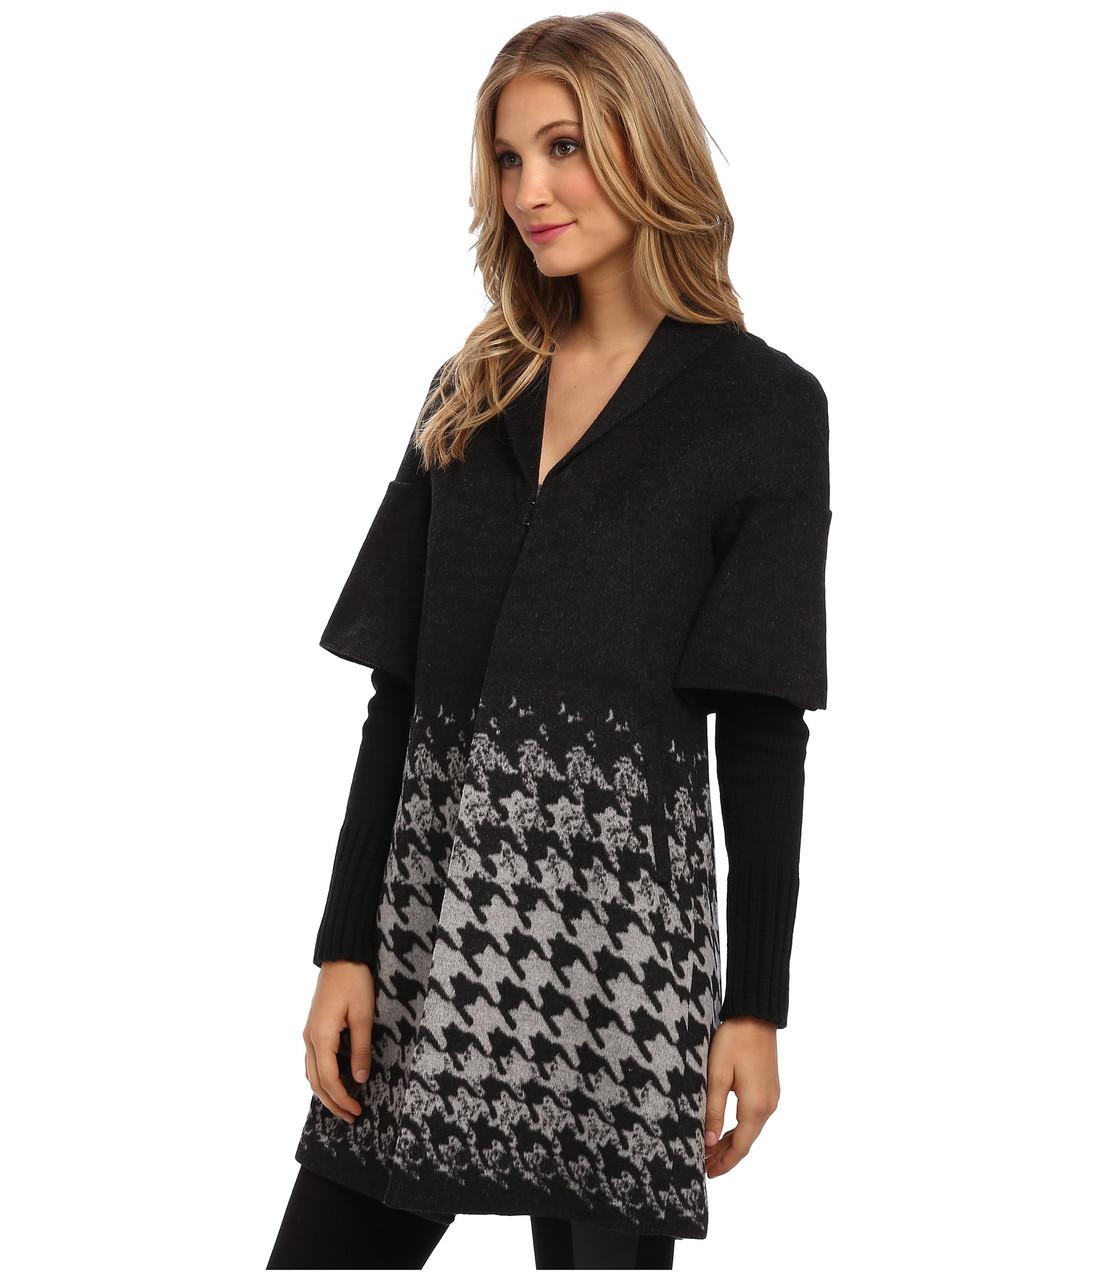 Пальто T Tahari, S, Black/Grey, FR1H5403